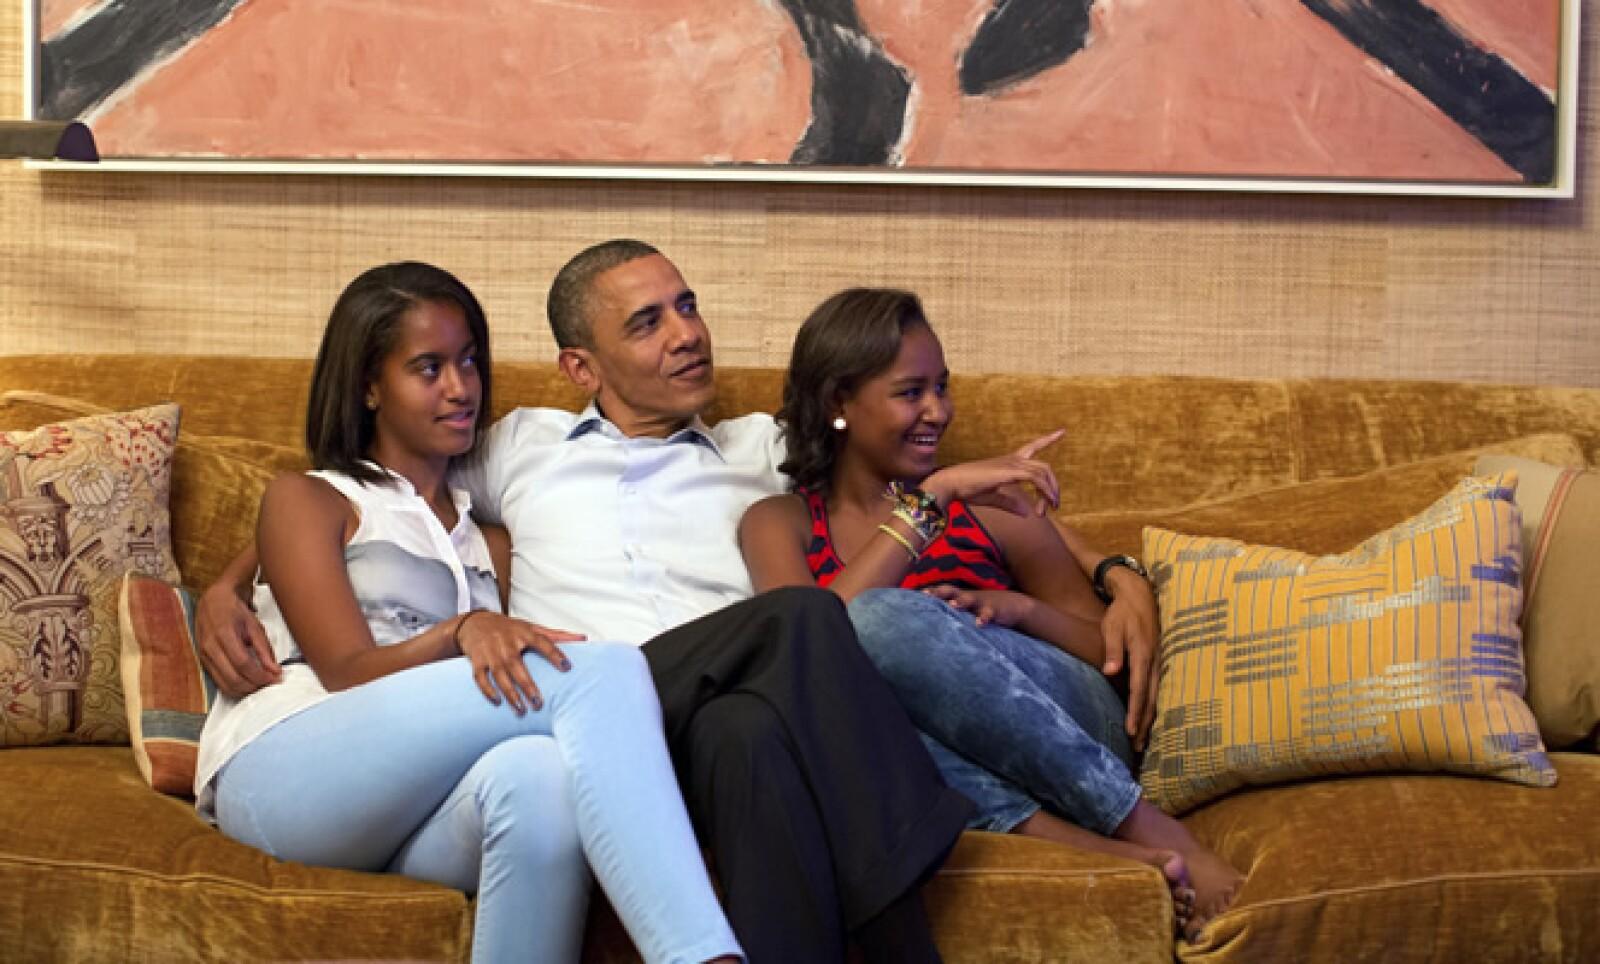 La Casa Blanca distribuyó el año pasado esta fotografía del presidente Barack Obama abrazando a sus dos hijas, Malia y Sasha.